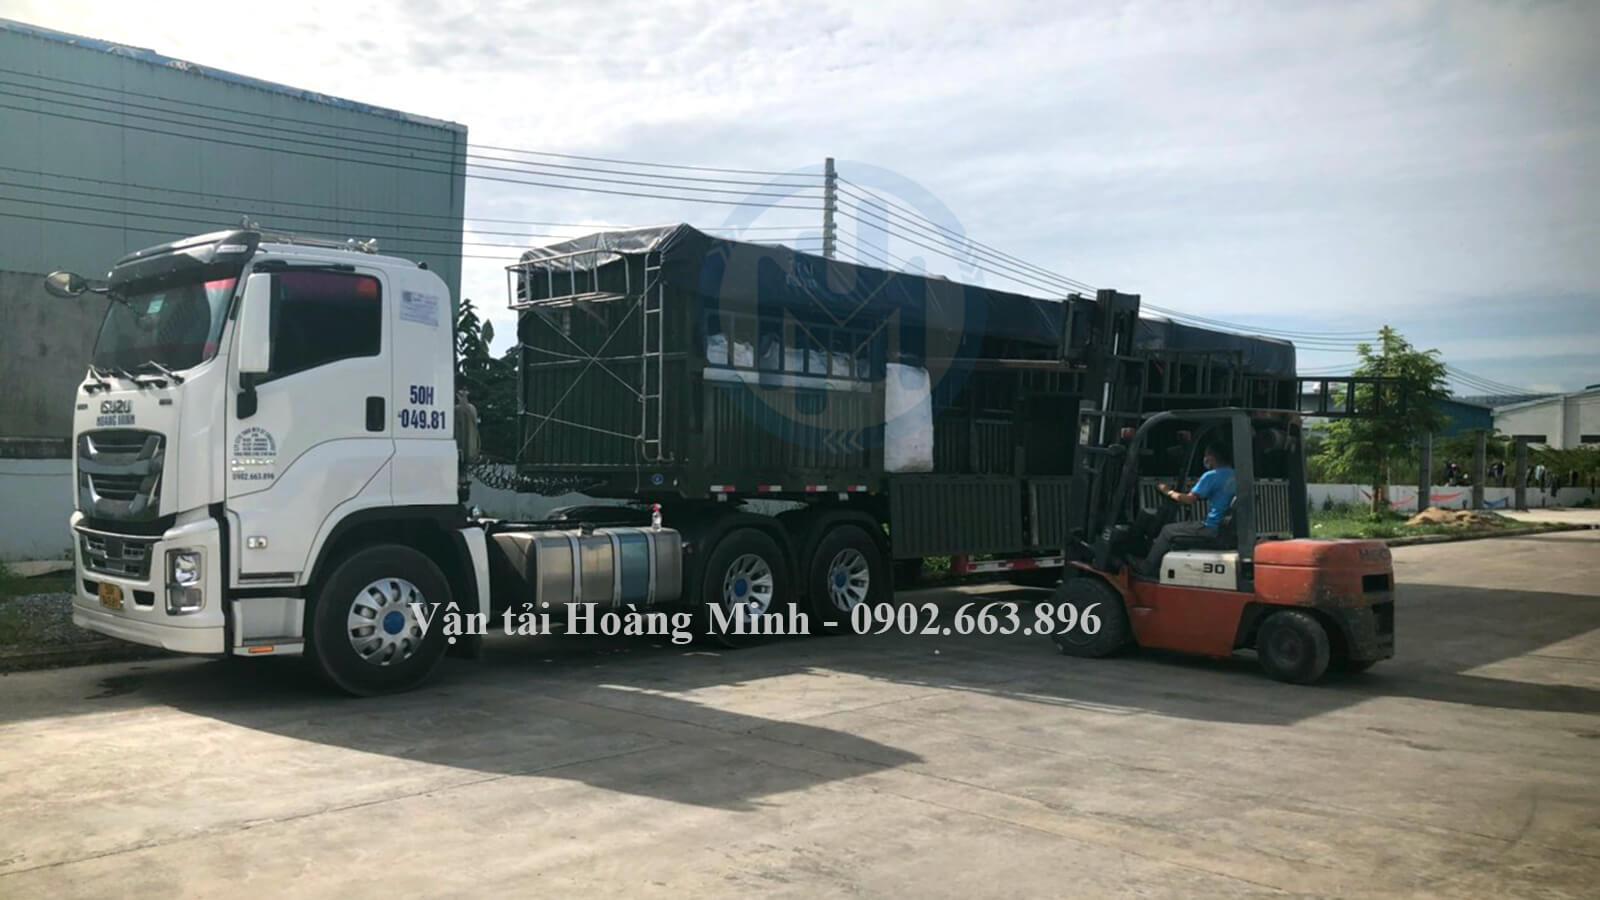 thuê xe tải chở hàng tại Vận tải Hoàng Minh, bạn sẽ nhận được lợi ích gì